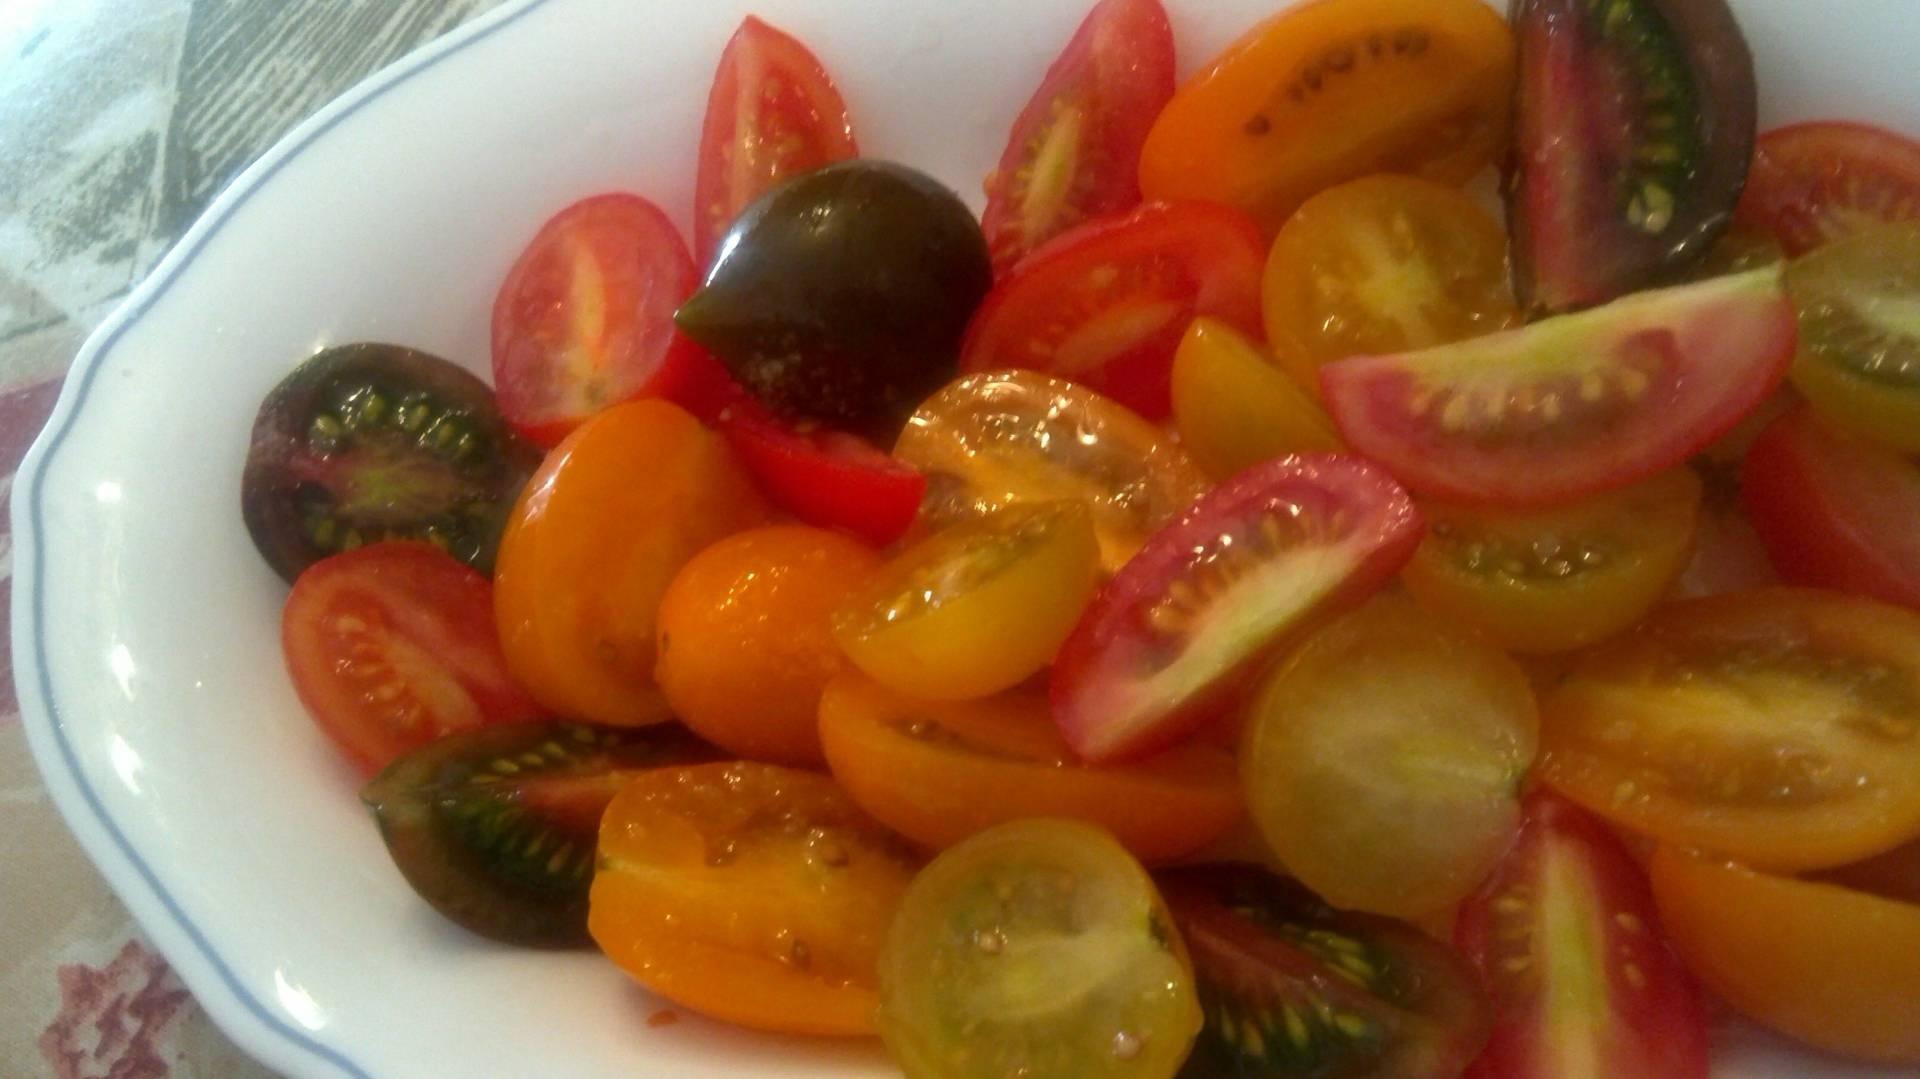 Tomatitos aliñados